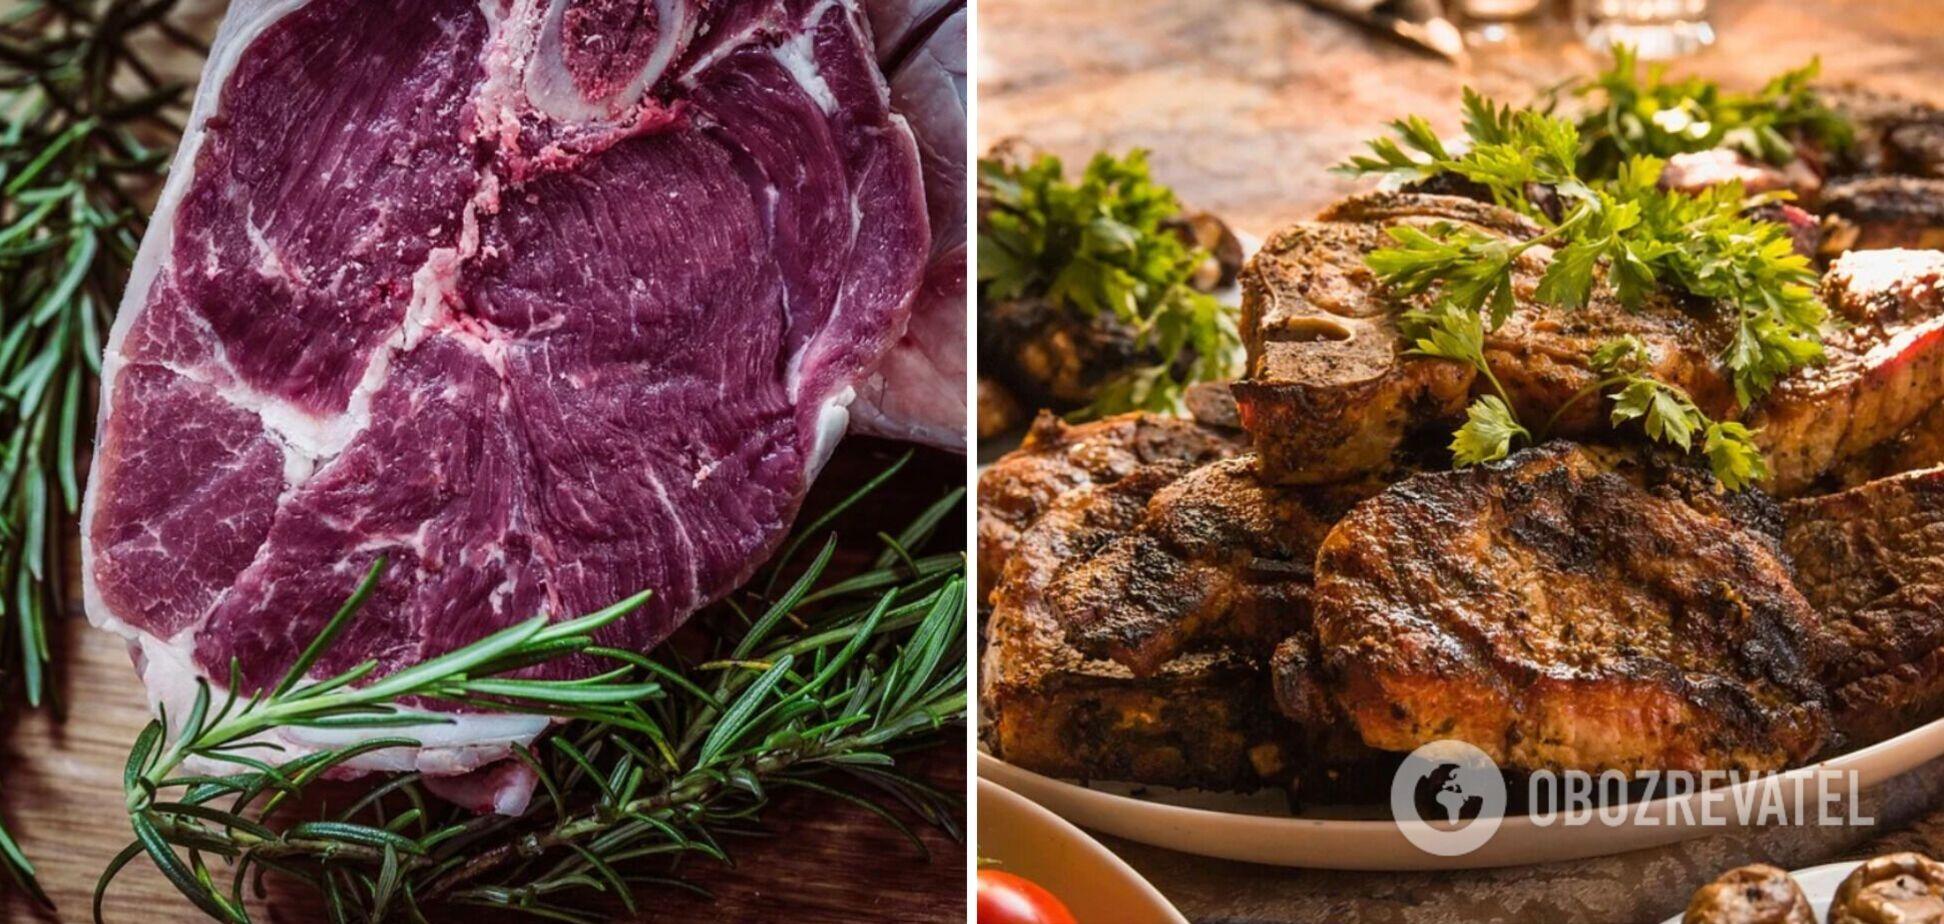 Експерти назвали три помилки, які зіпсують будь-яке м'ясо